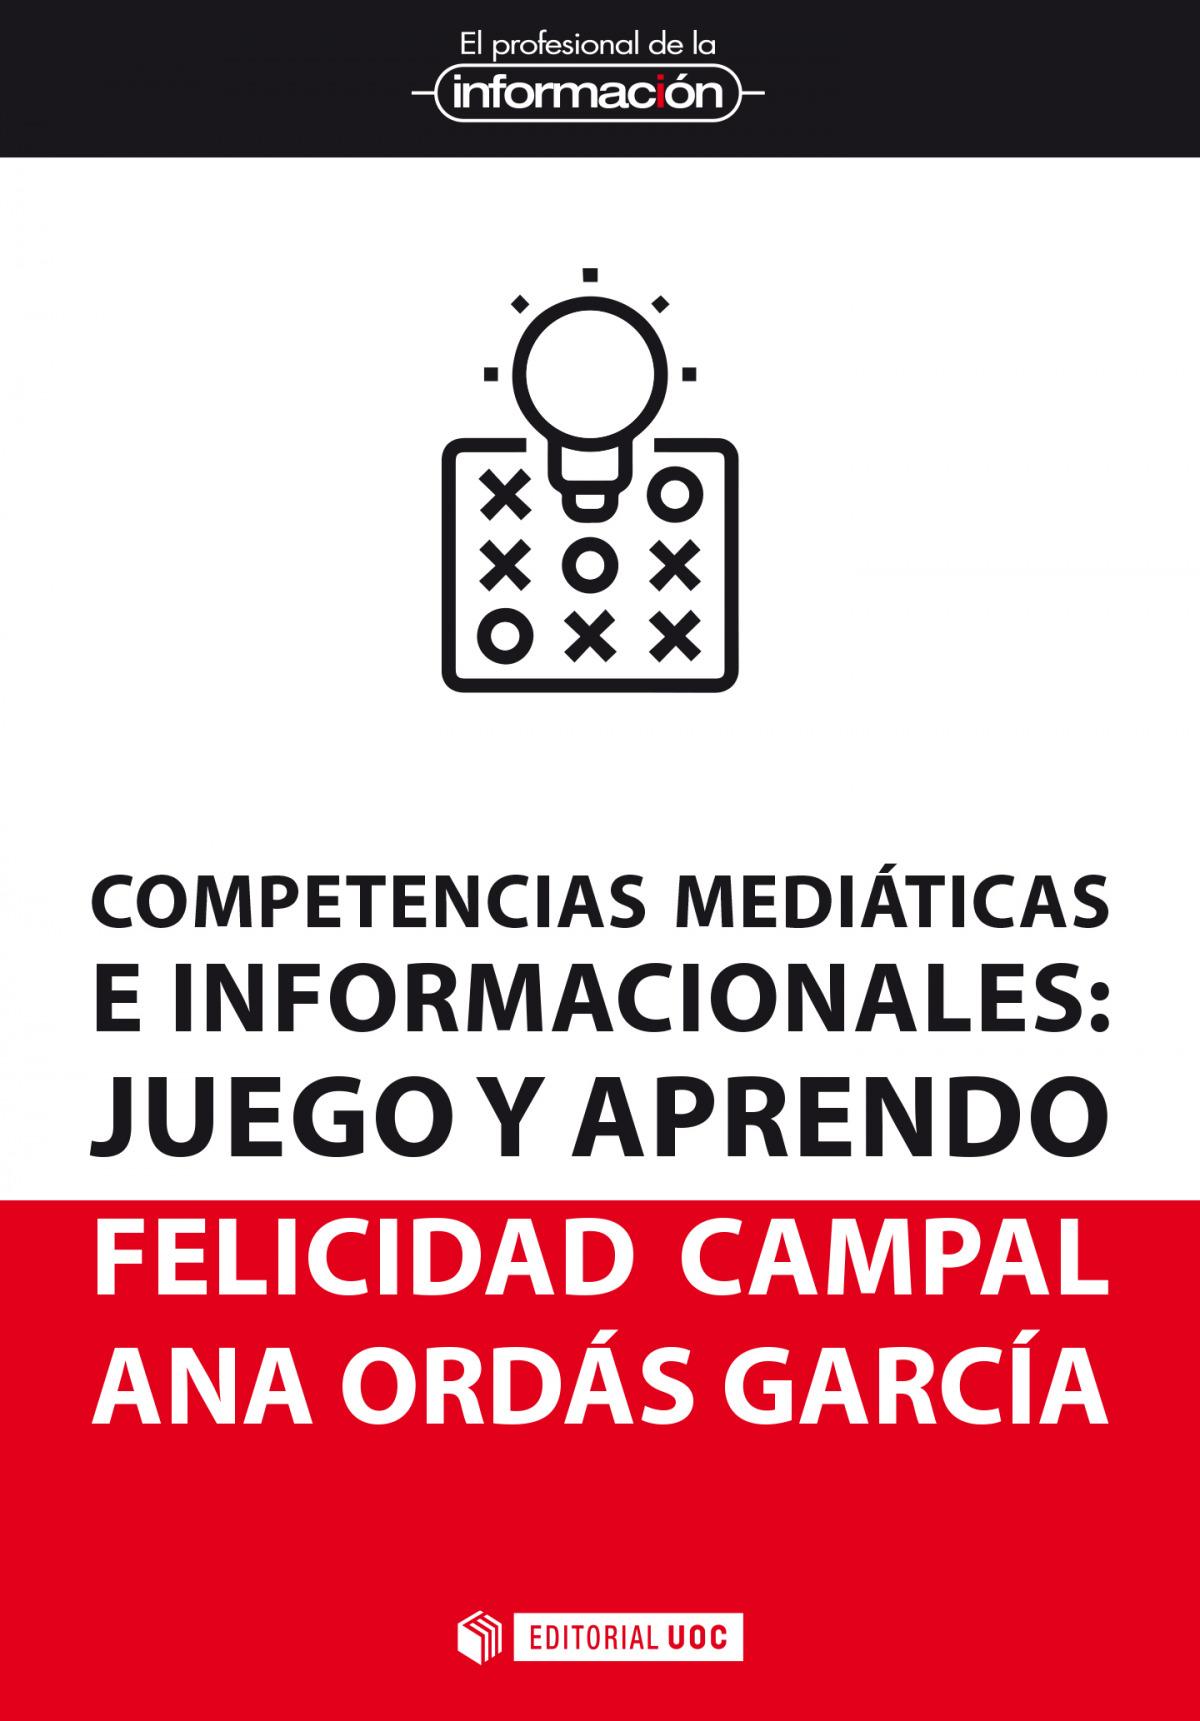 Competencias mediáticas e informacionales